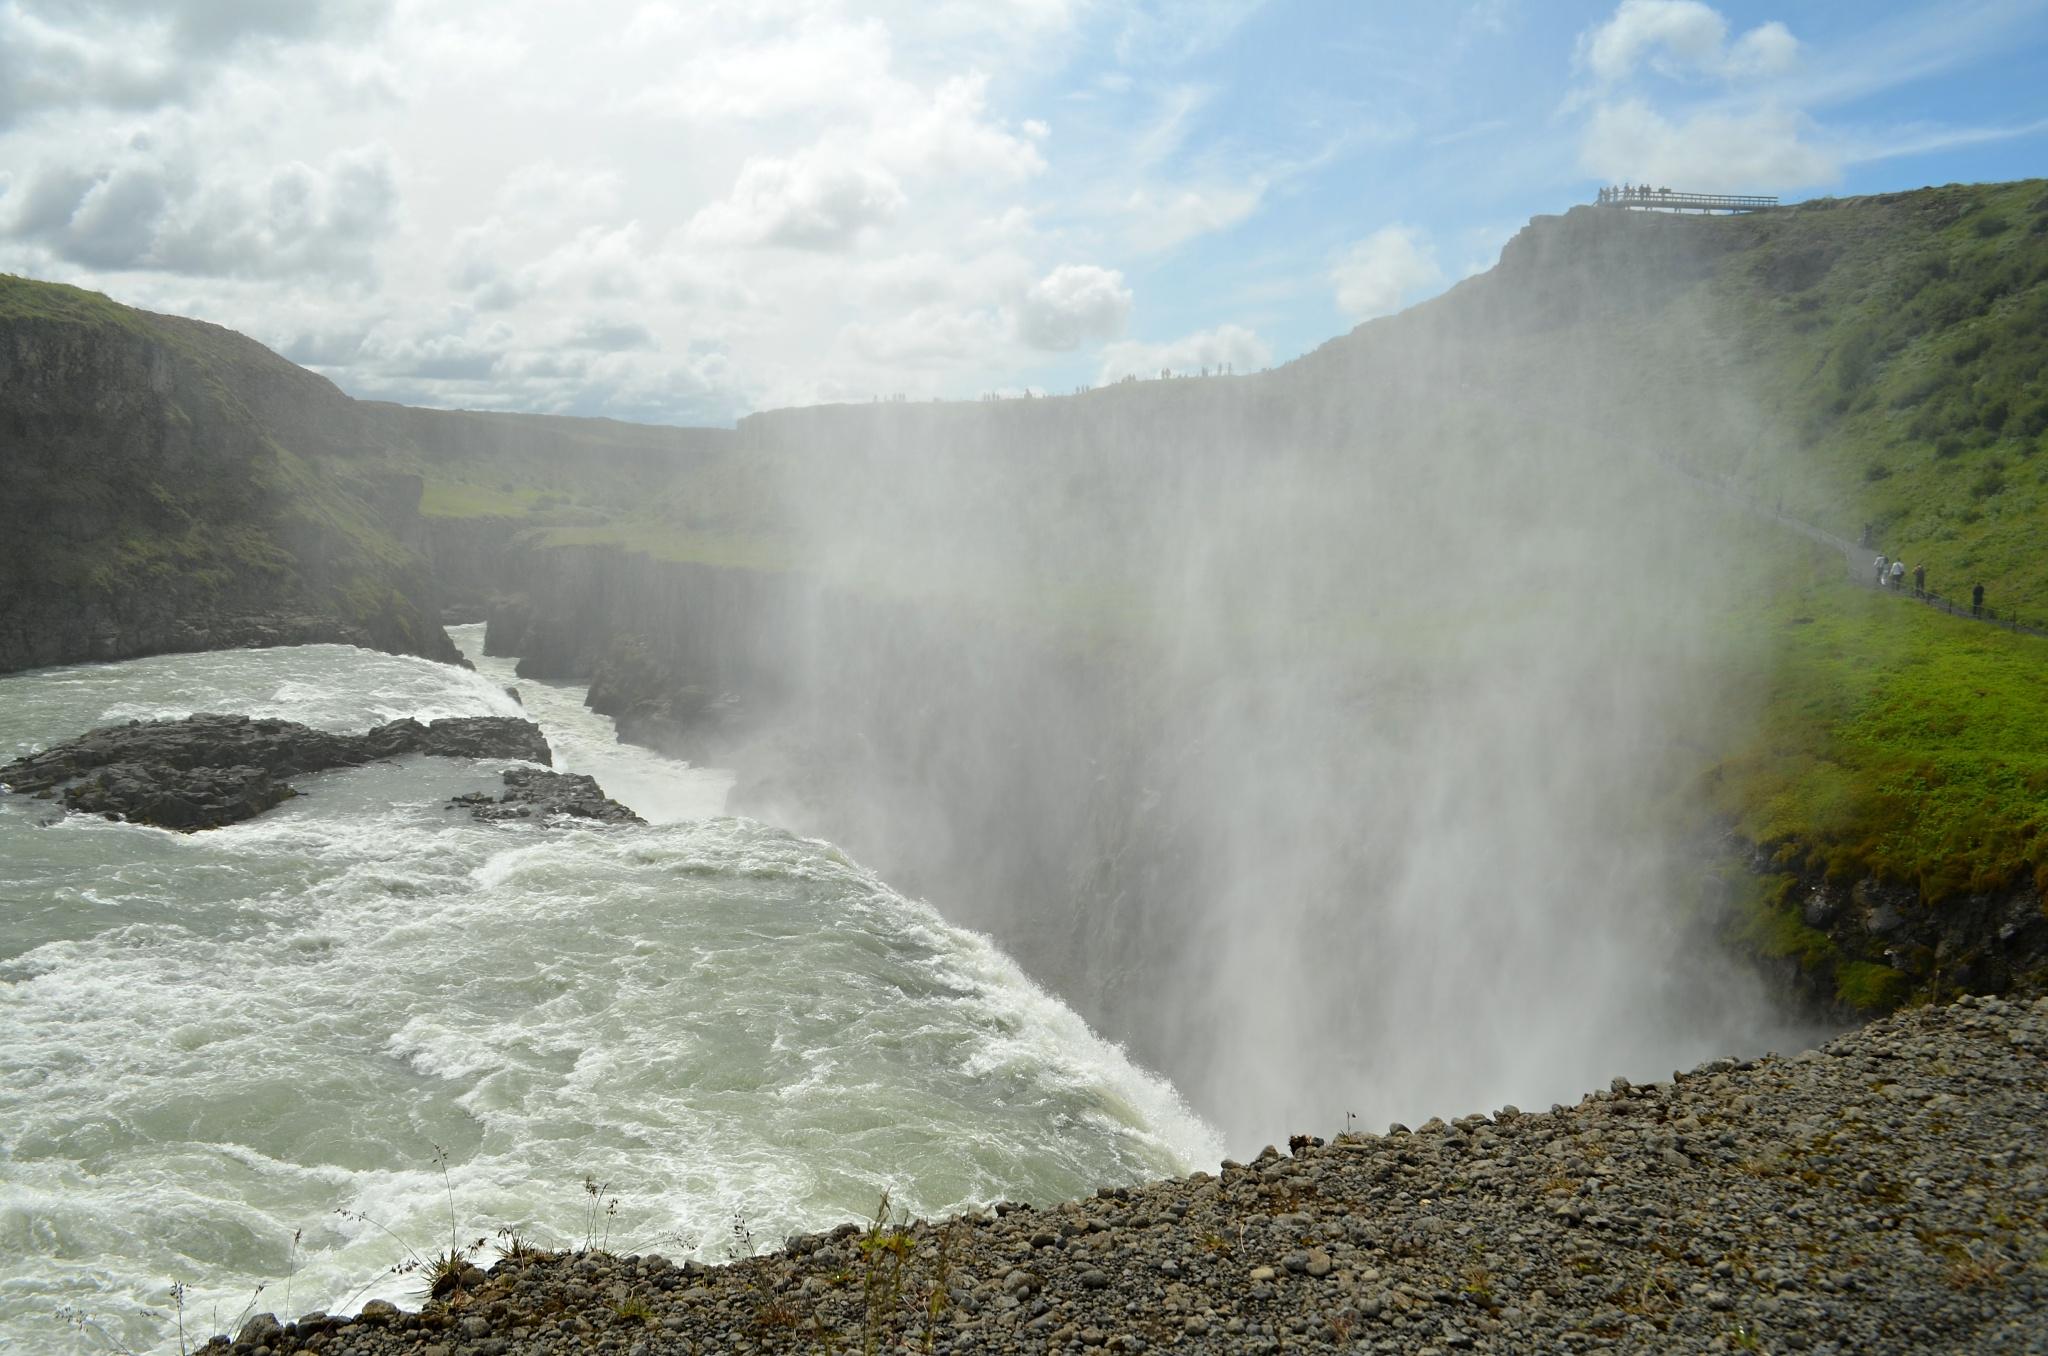 Kousek od přepadu vodopádu Gullfoss